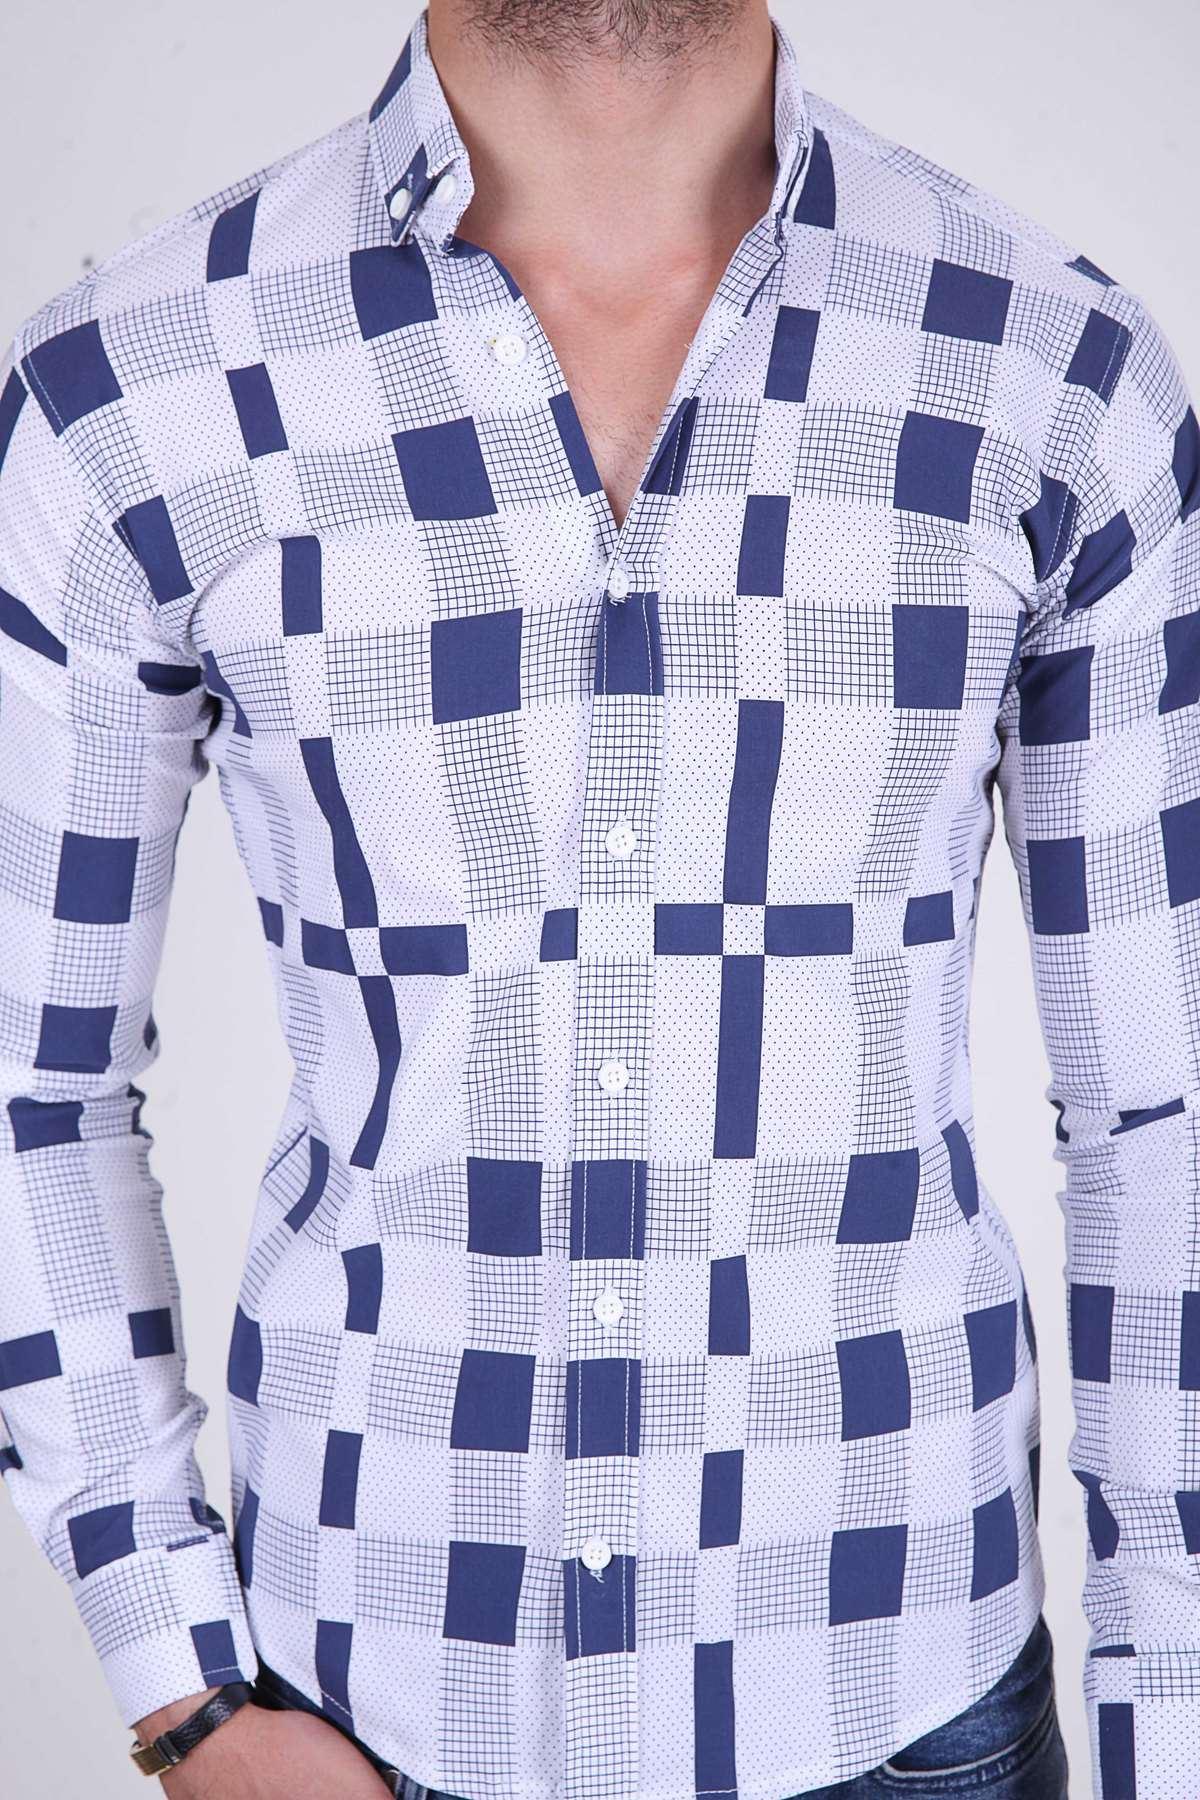 Noktalı Çizgi Kare Desenli Slim Fit Gömlek Beyaz